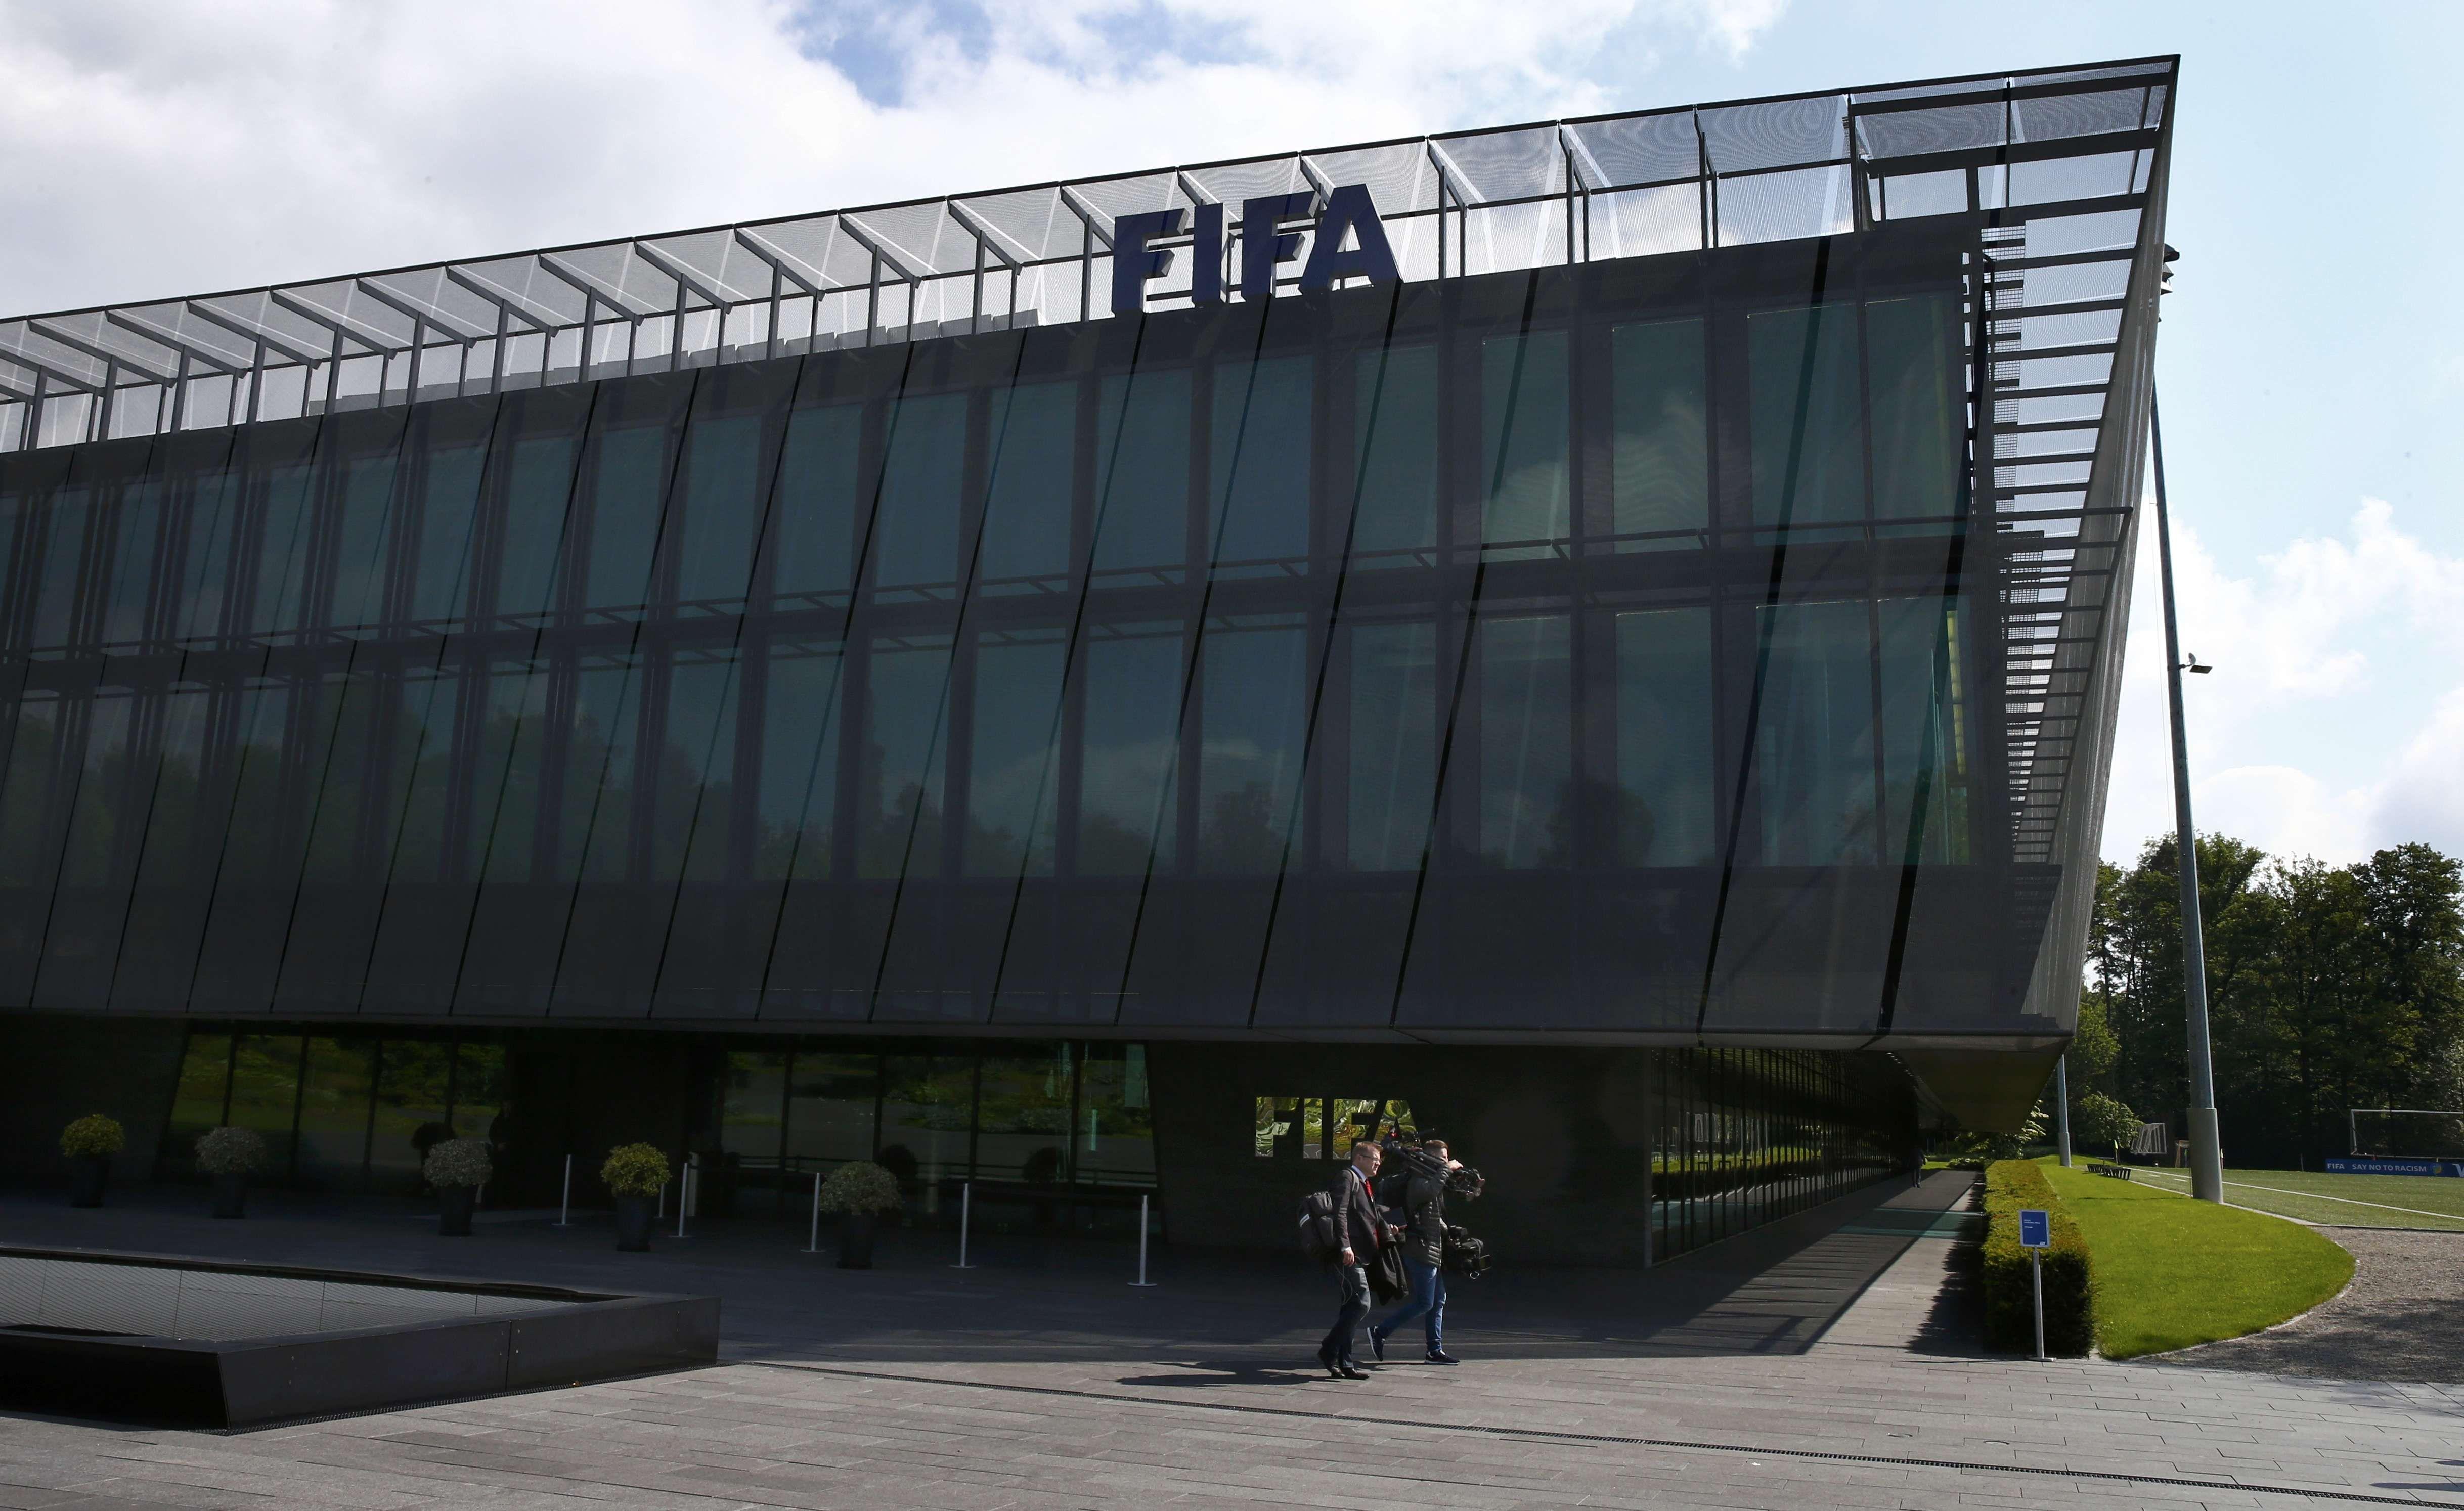 La sede central de la Fifa en Suiza. El procedemiento judicial se realizó alrededor de las 4